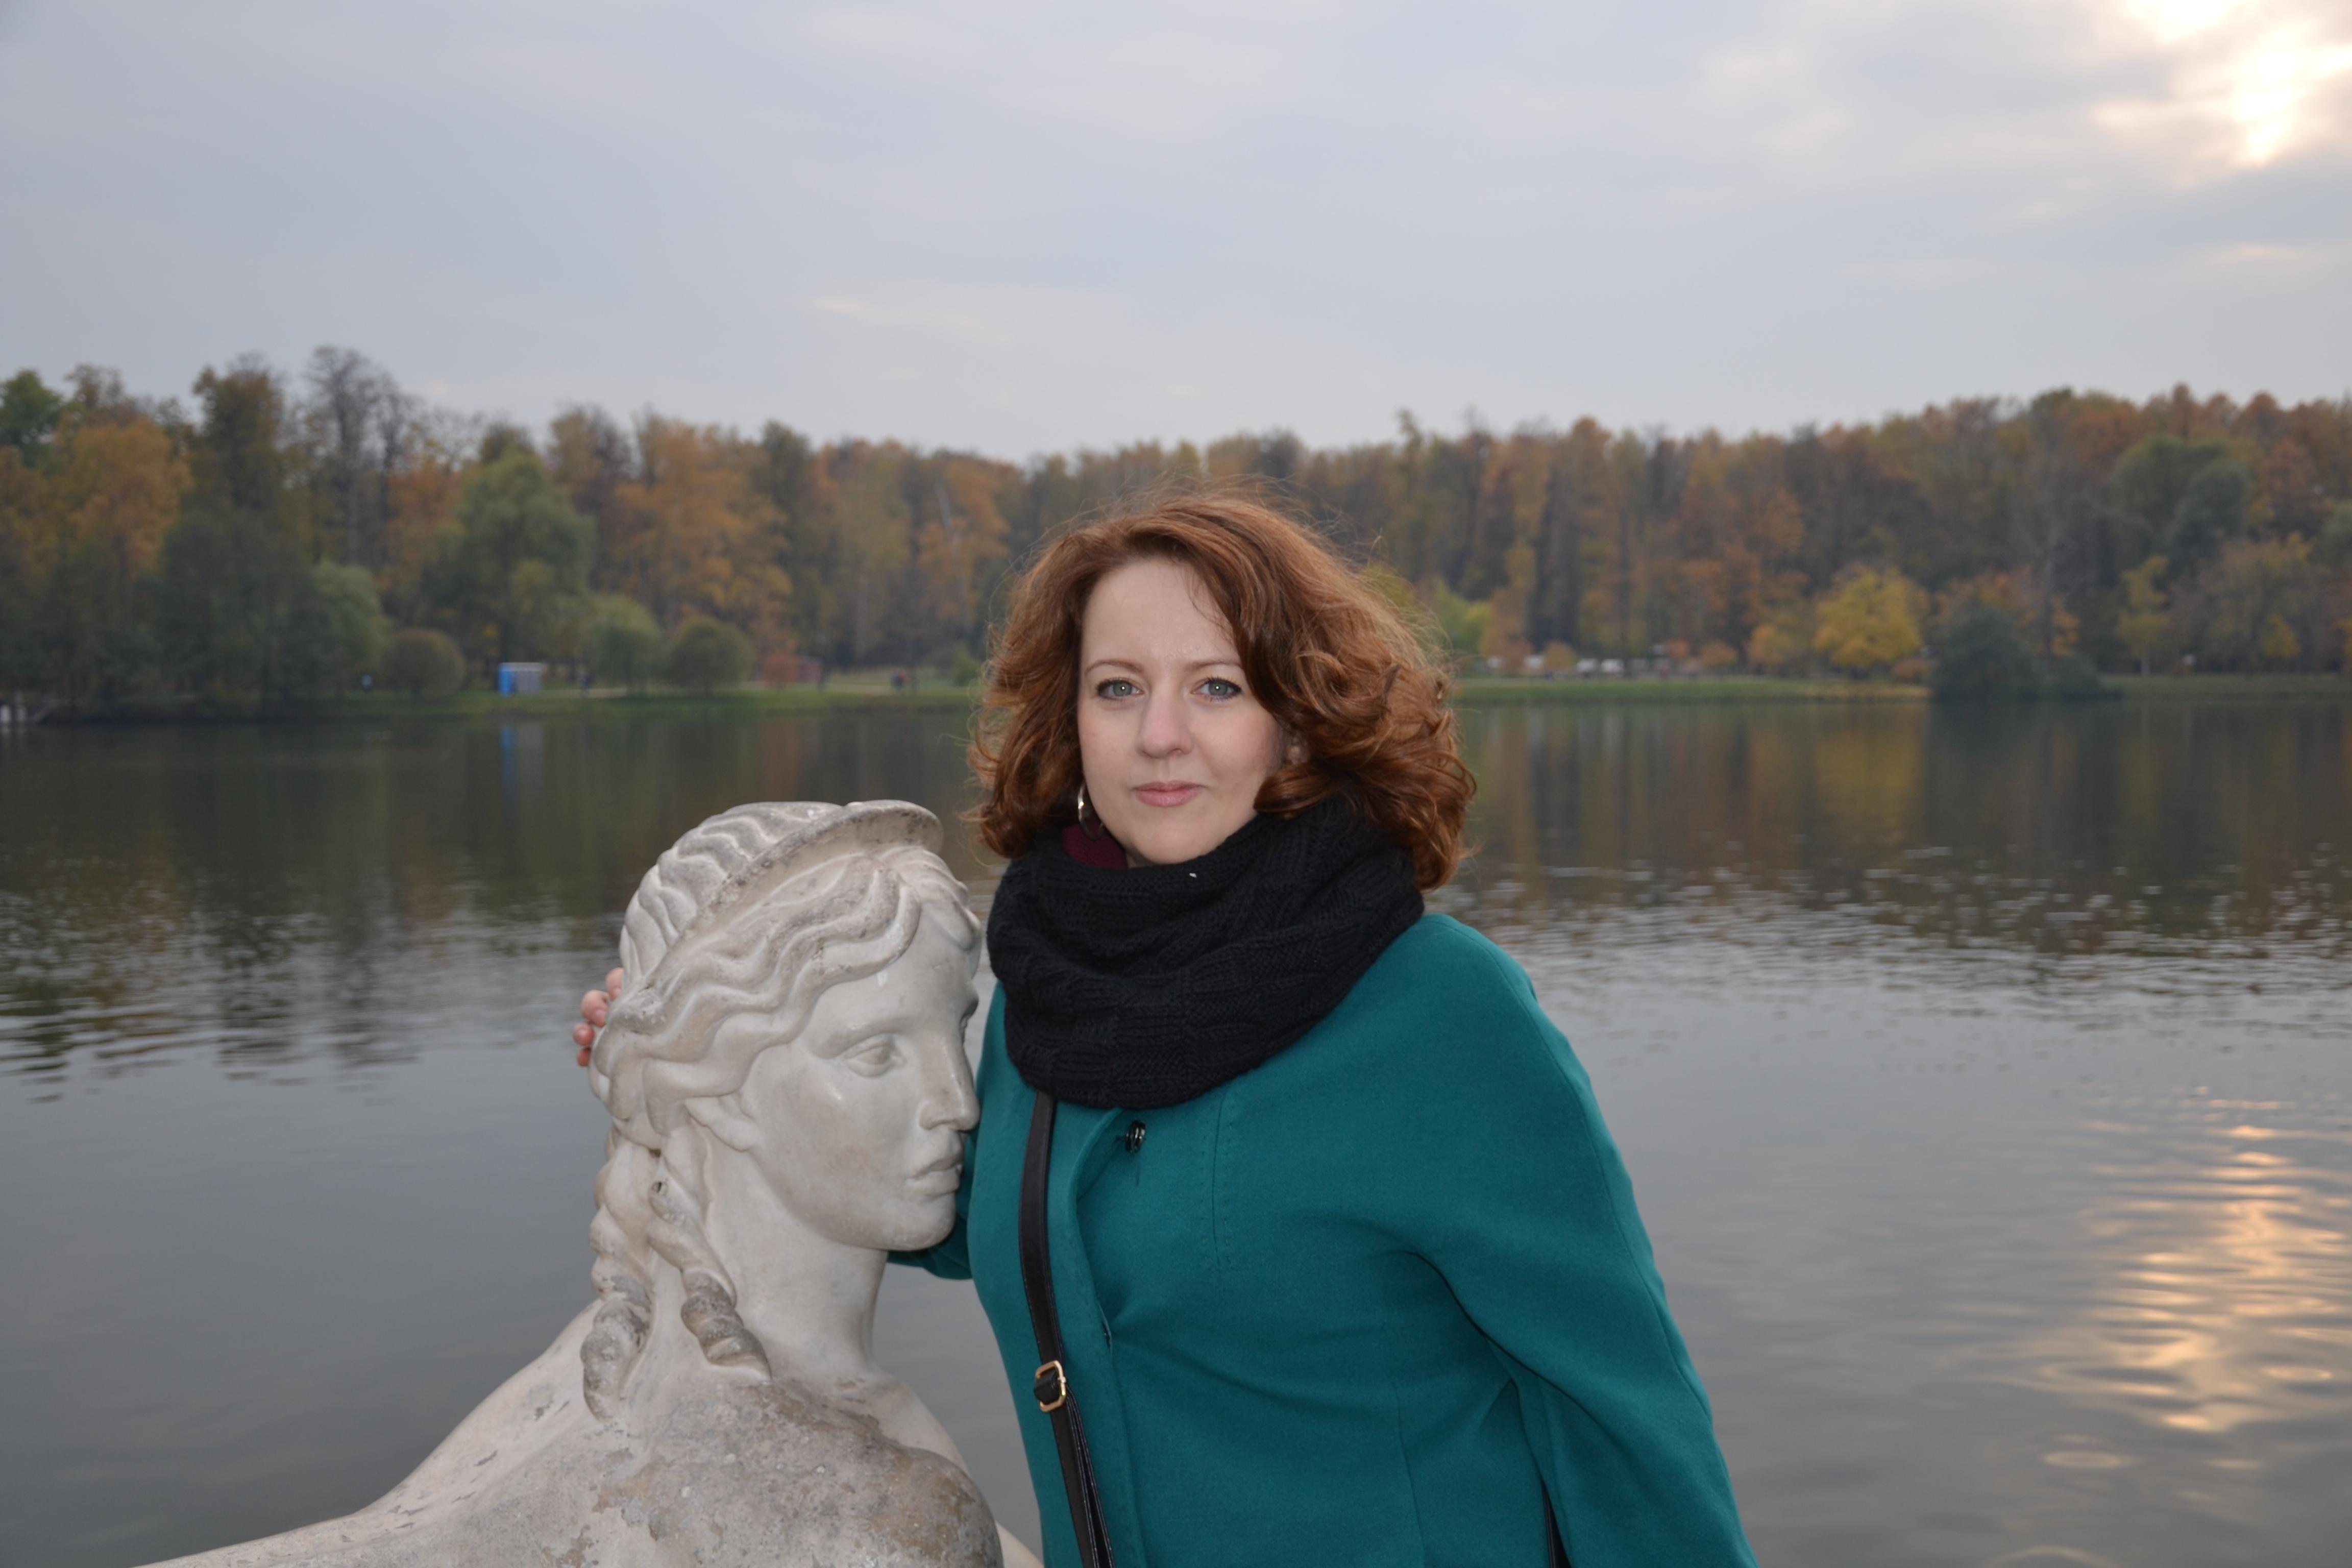 Соловьева Виктория Александровна